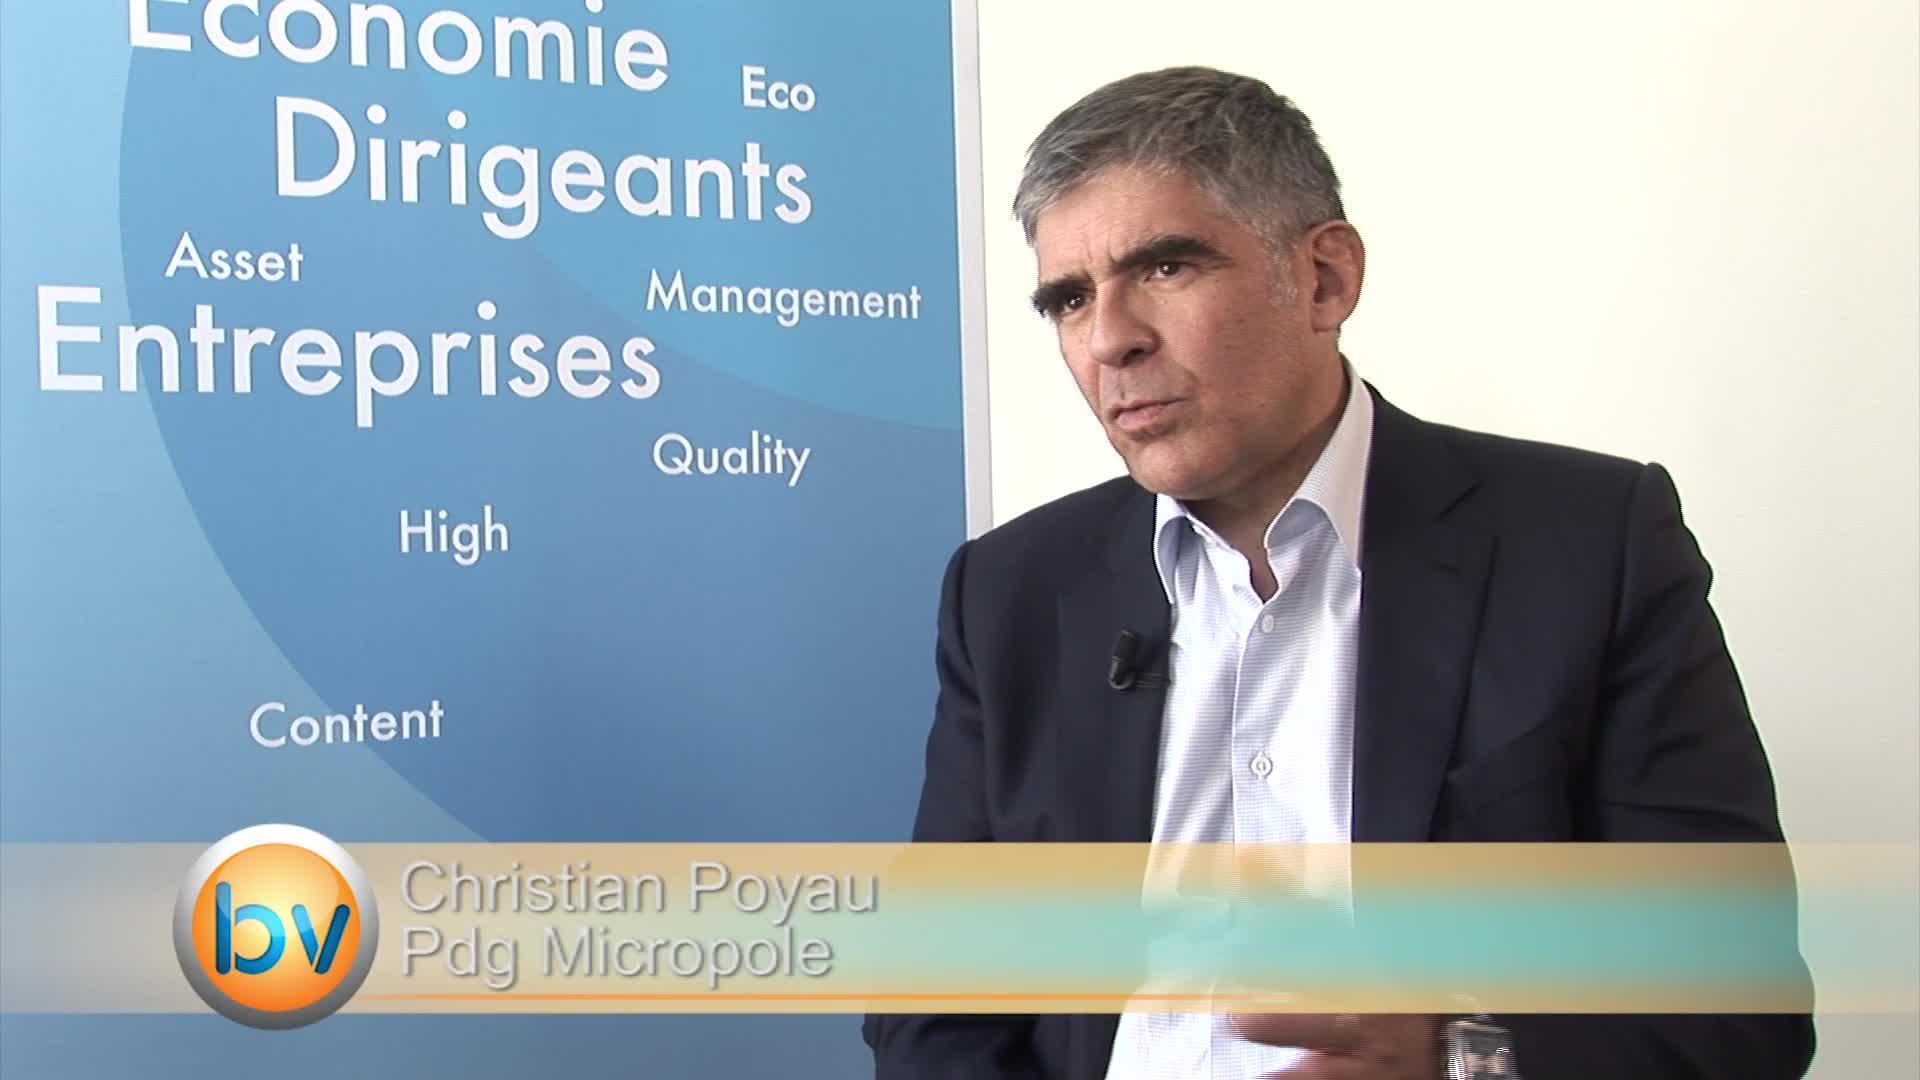 """Christian Poyau Pdg Micropole : """"L'action privilégiée est la montée en gamme"""""""